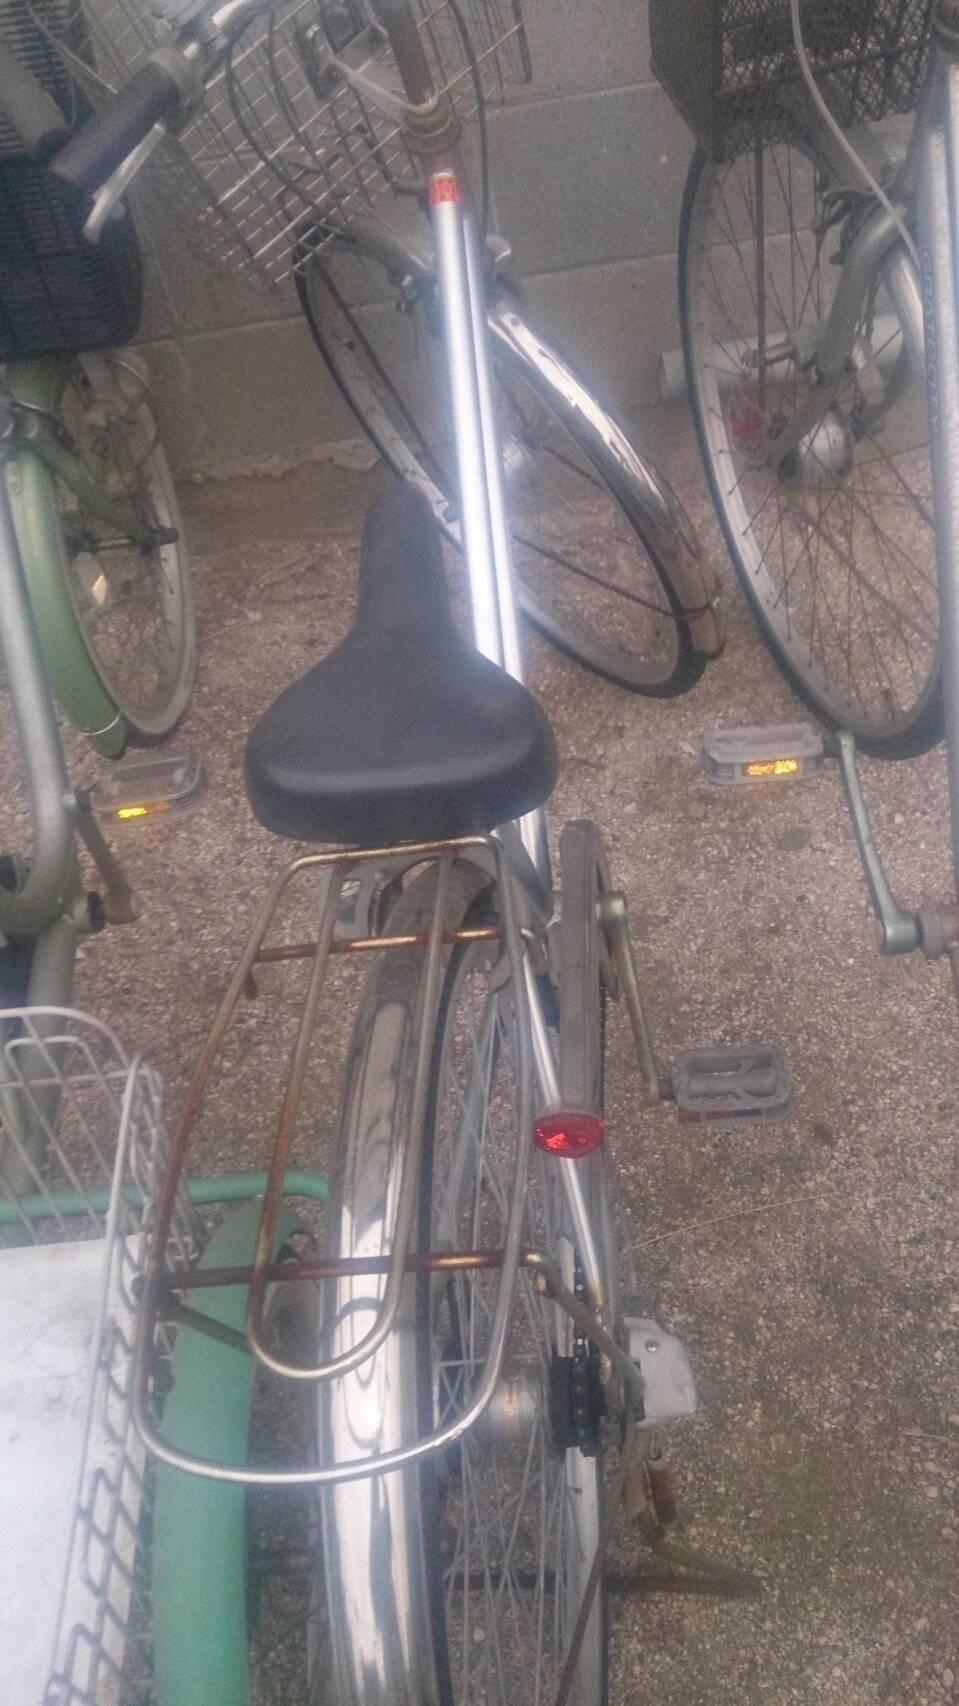 福山市長者町付近で回収した自転車です。